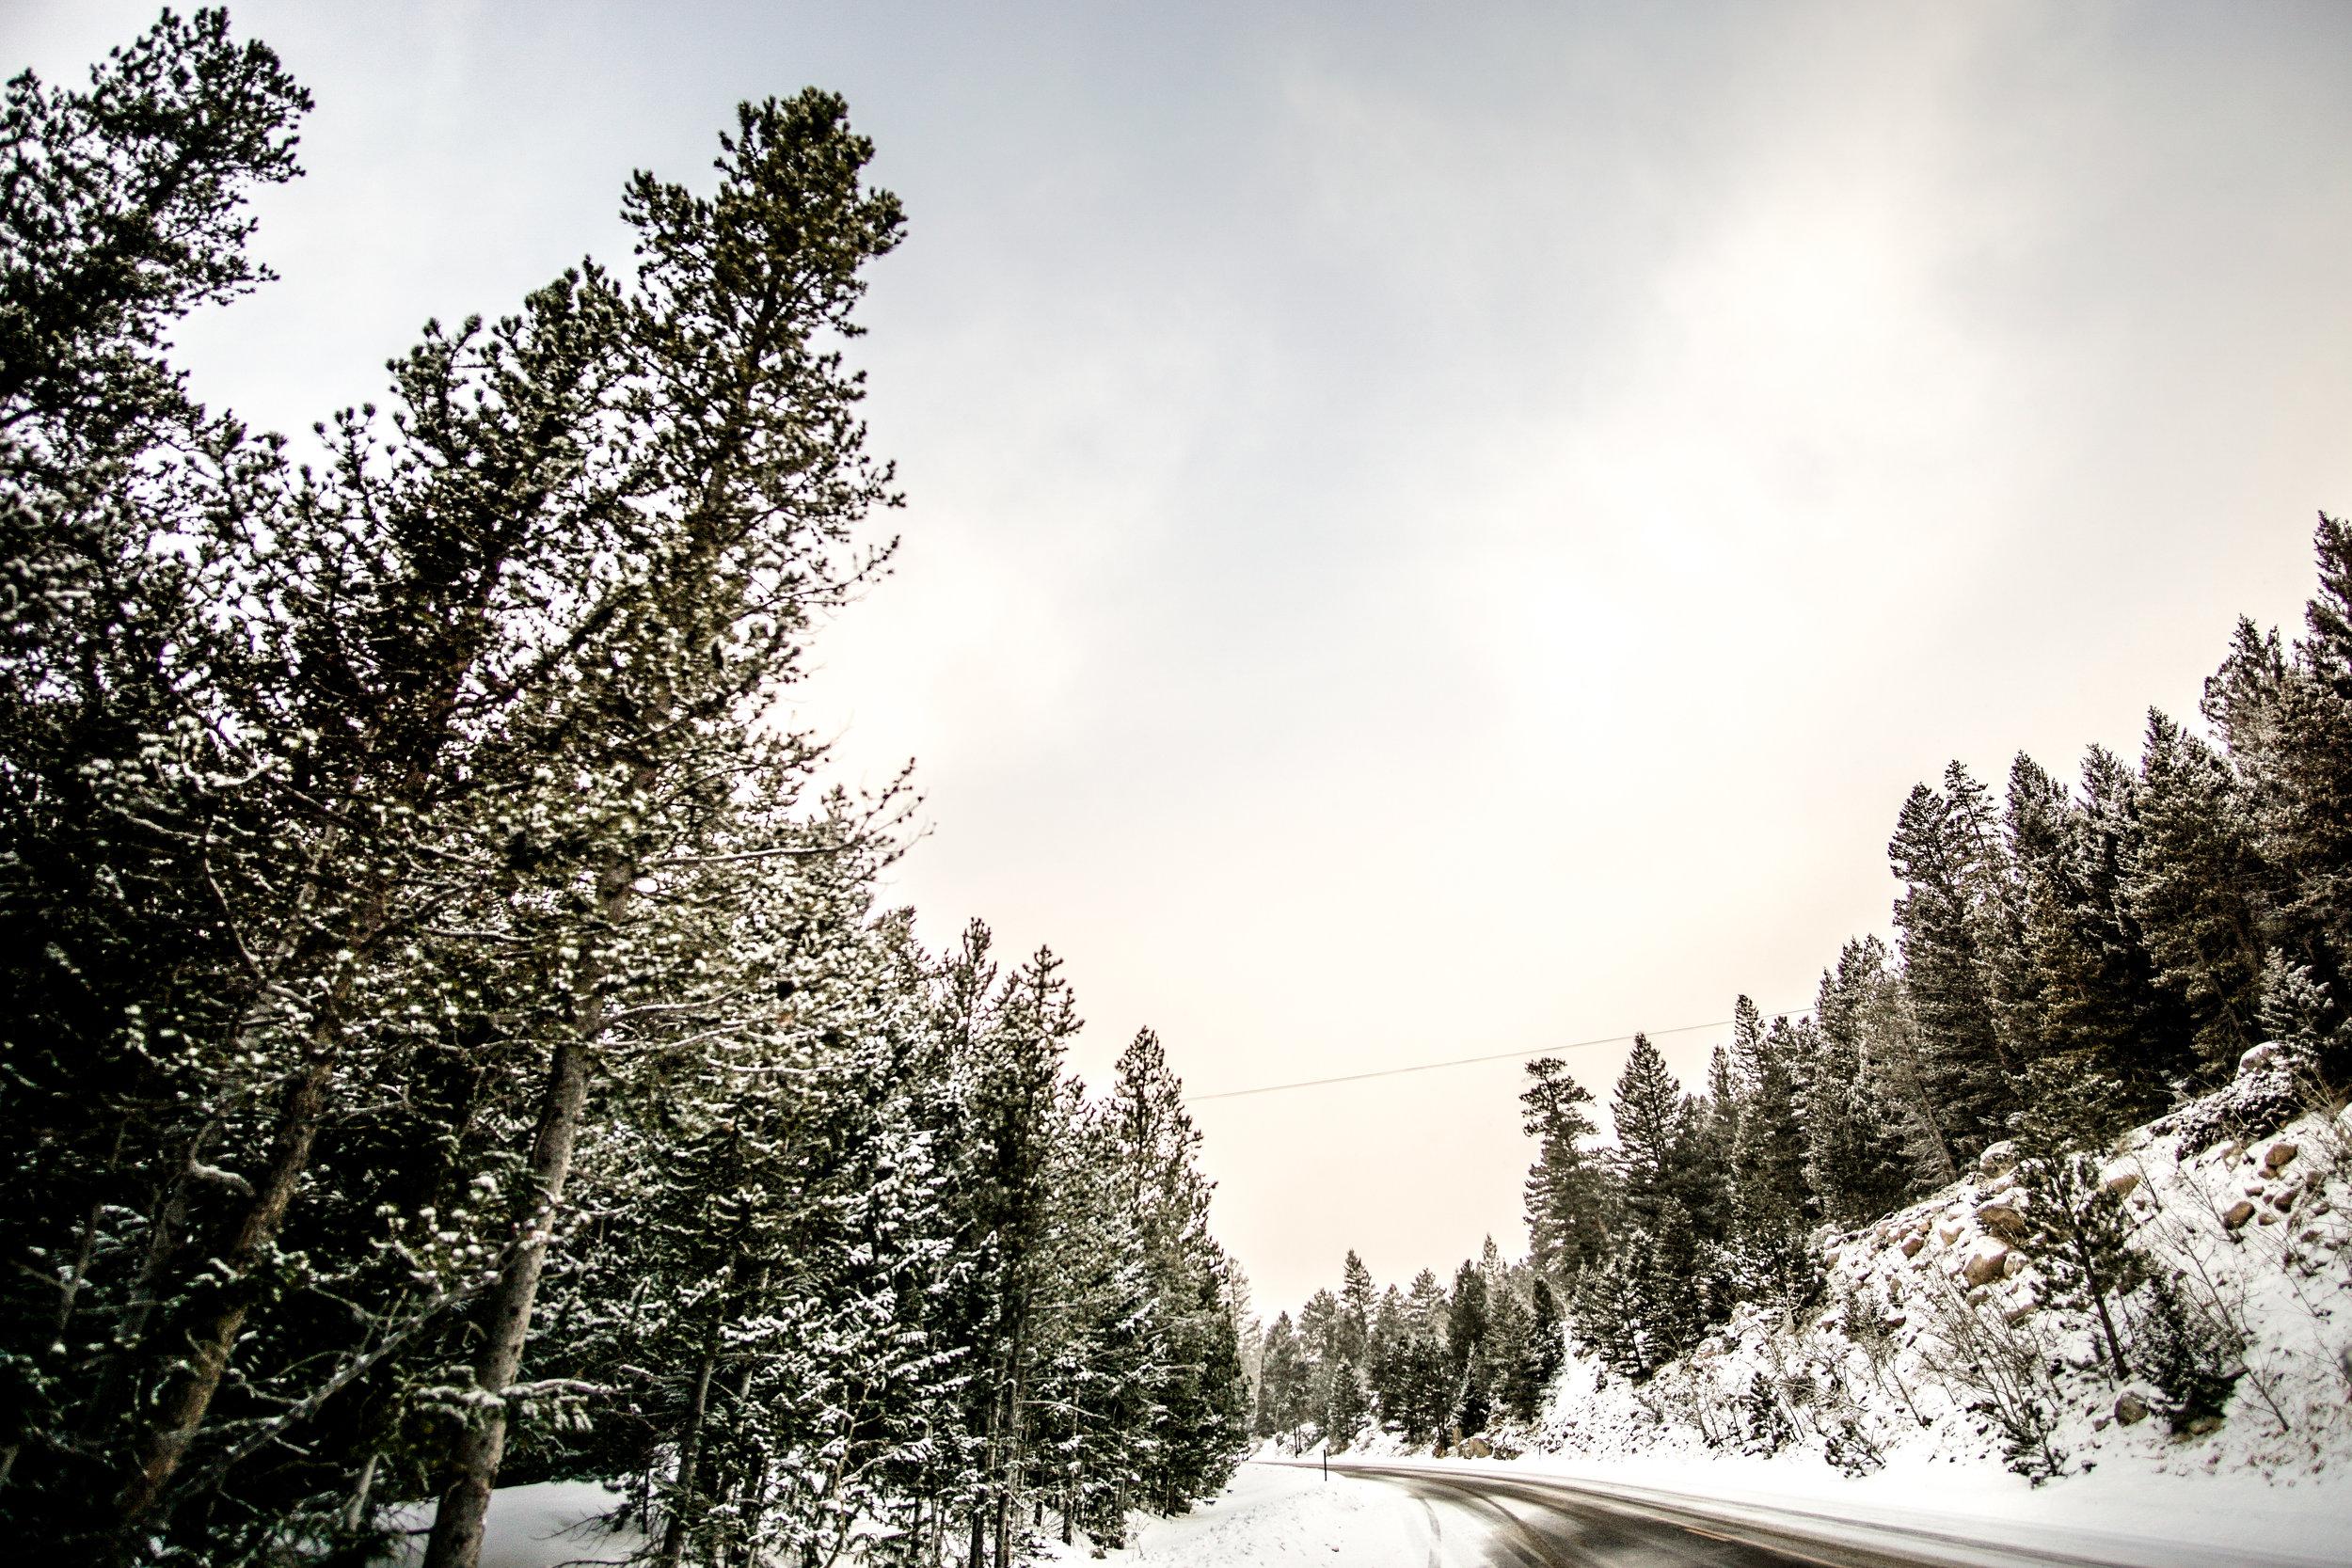 Gorgeous drive through the mountains